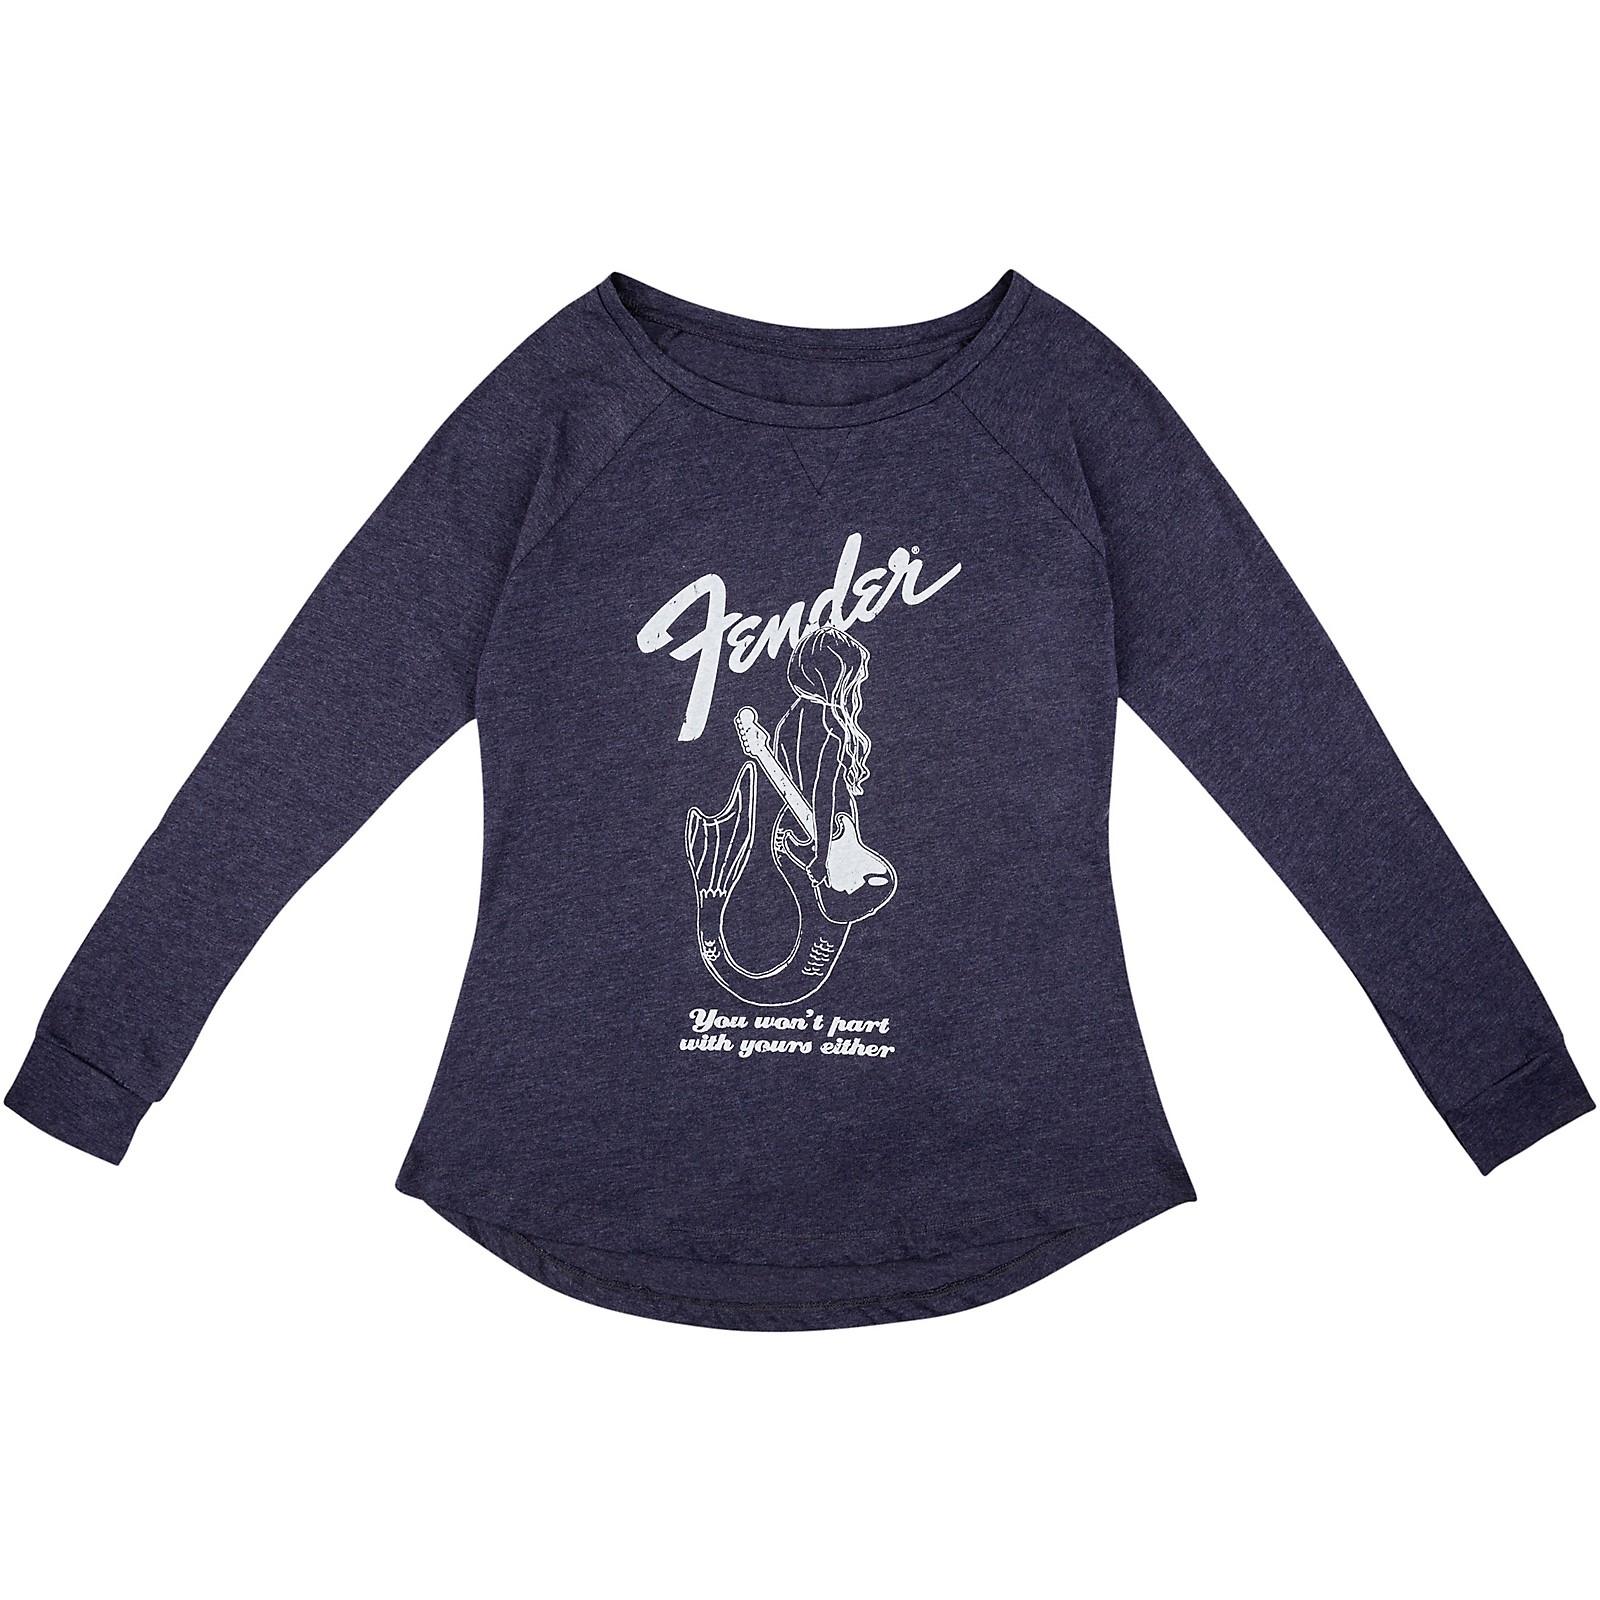 Fender Mermaid Women's Long Sleeve